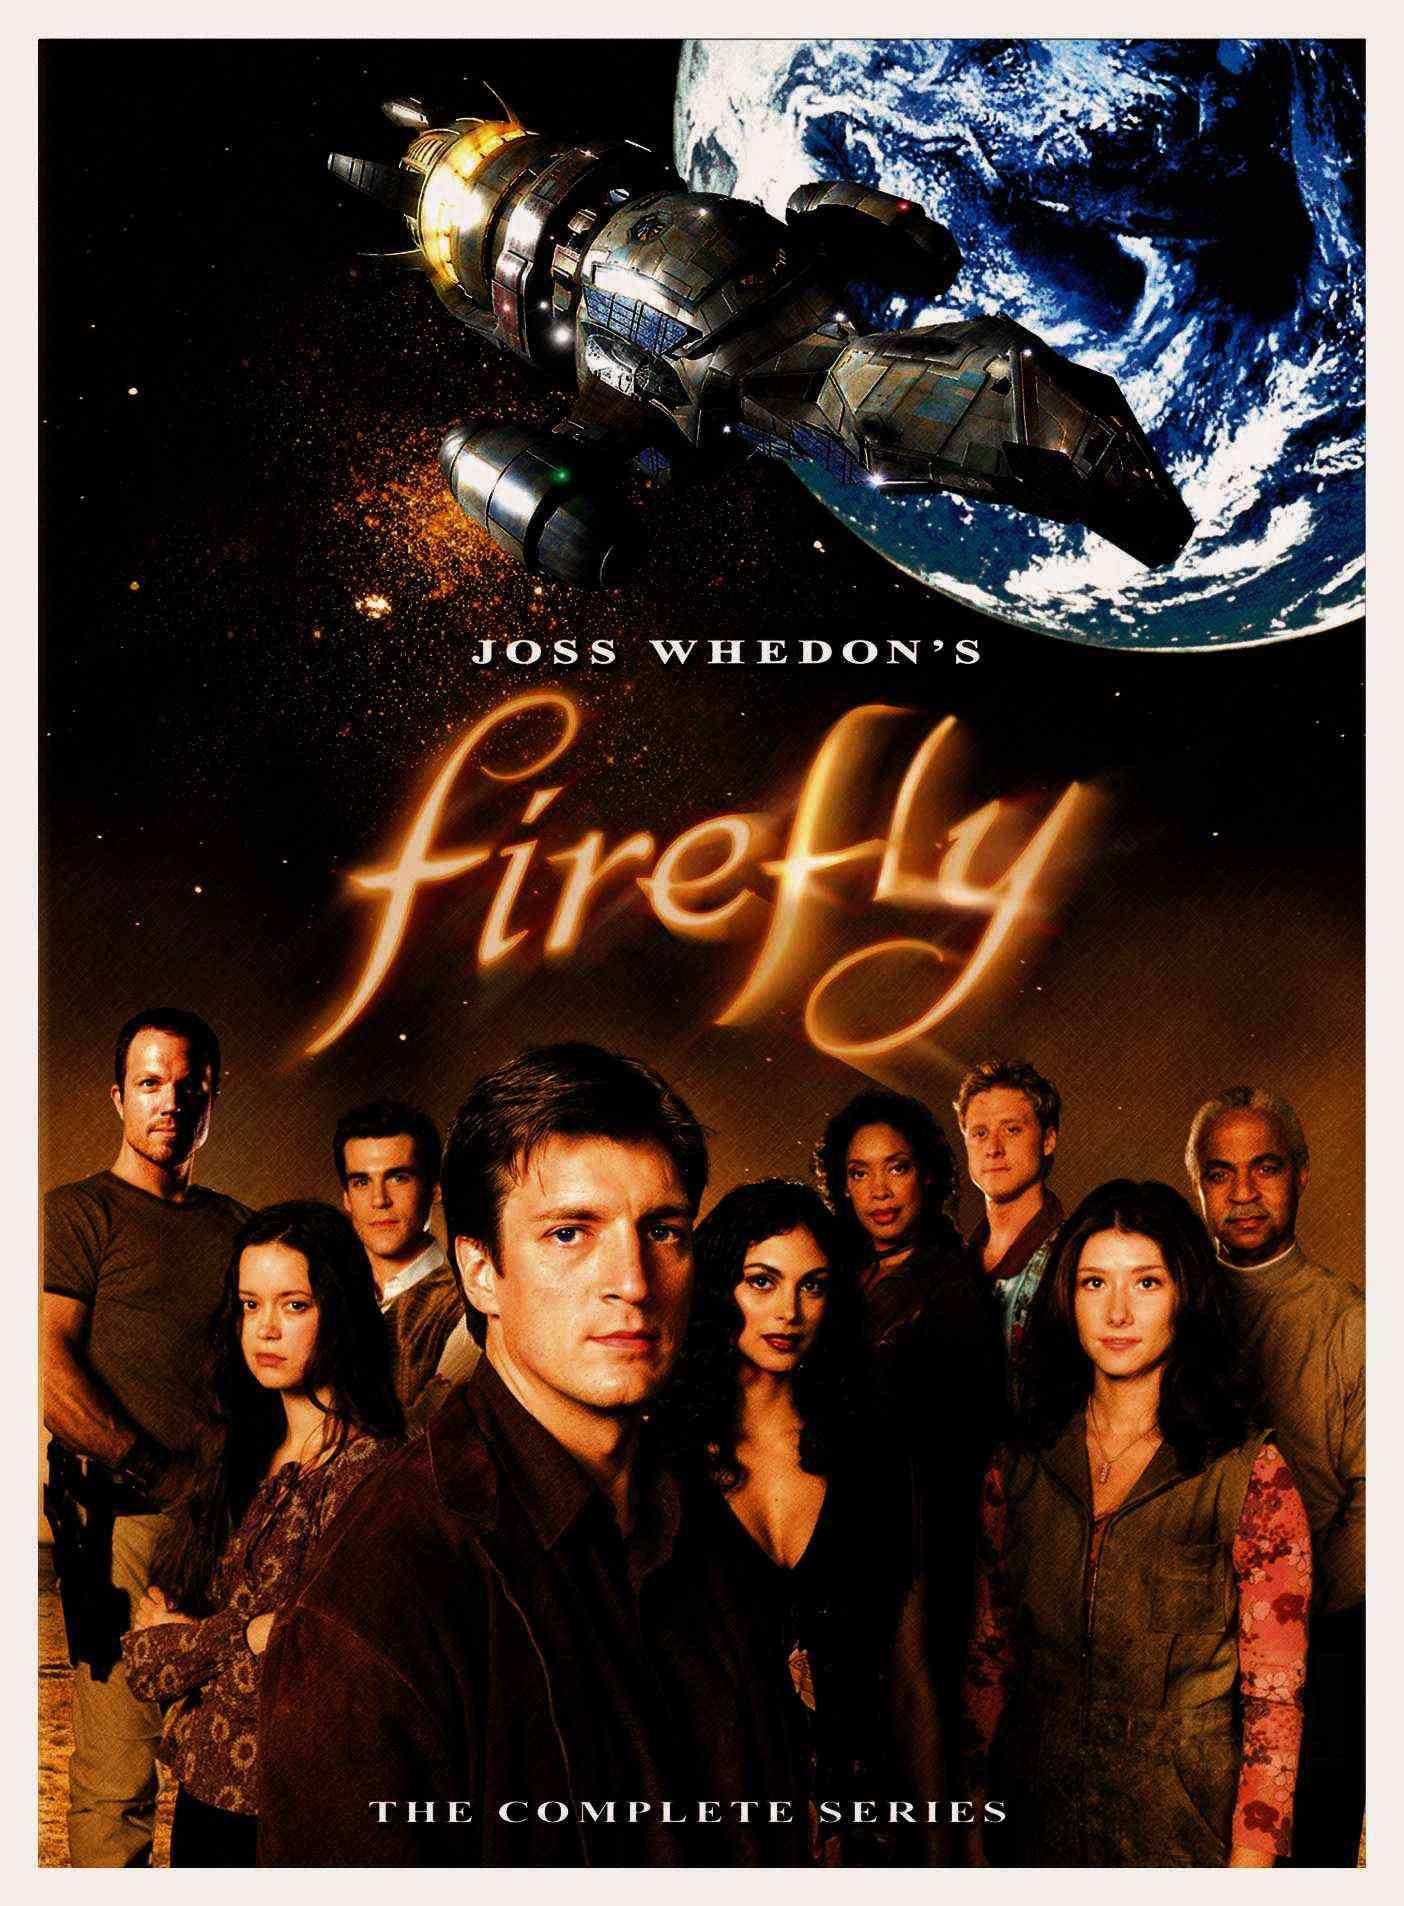 Firefly online release date